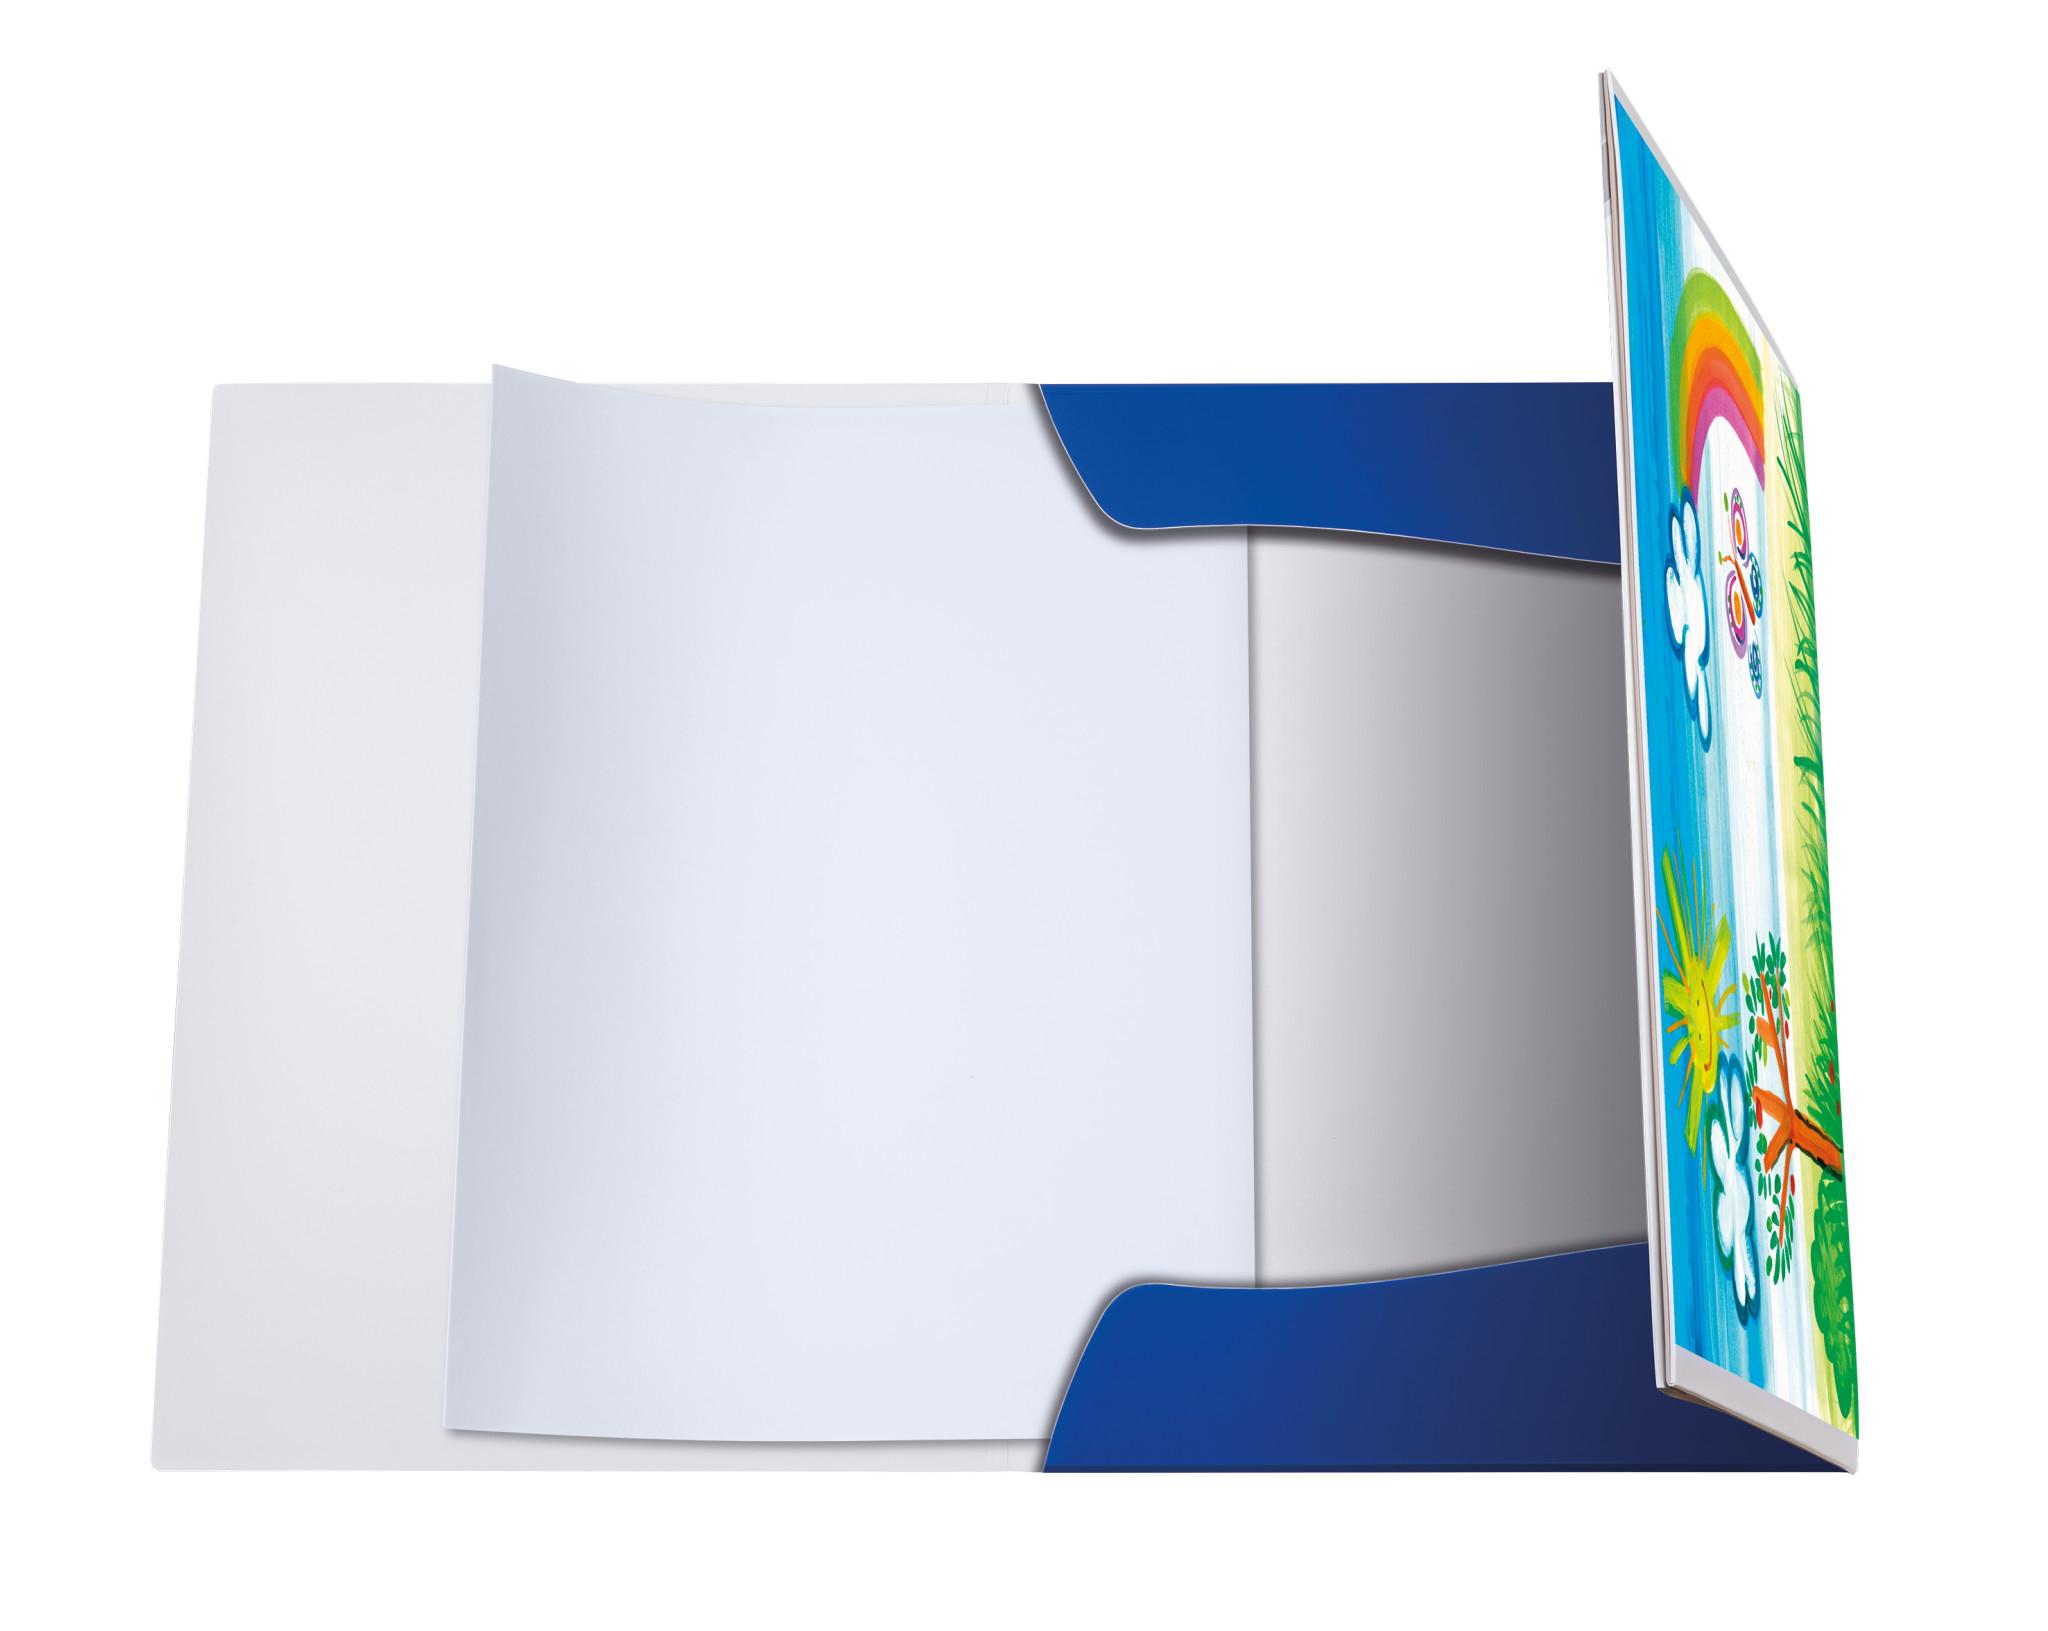 Pelikan 238205 - A3 - Blau - Weiß - Landschaftsportrait - Gummiband